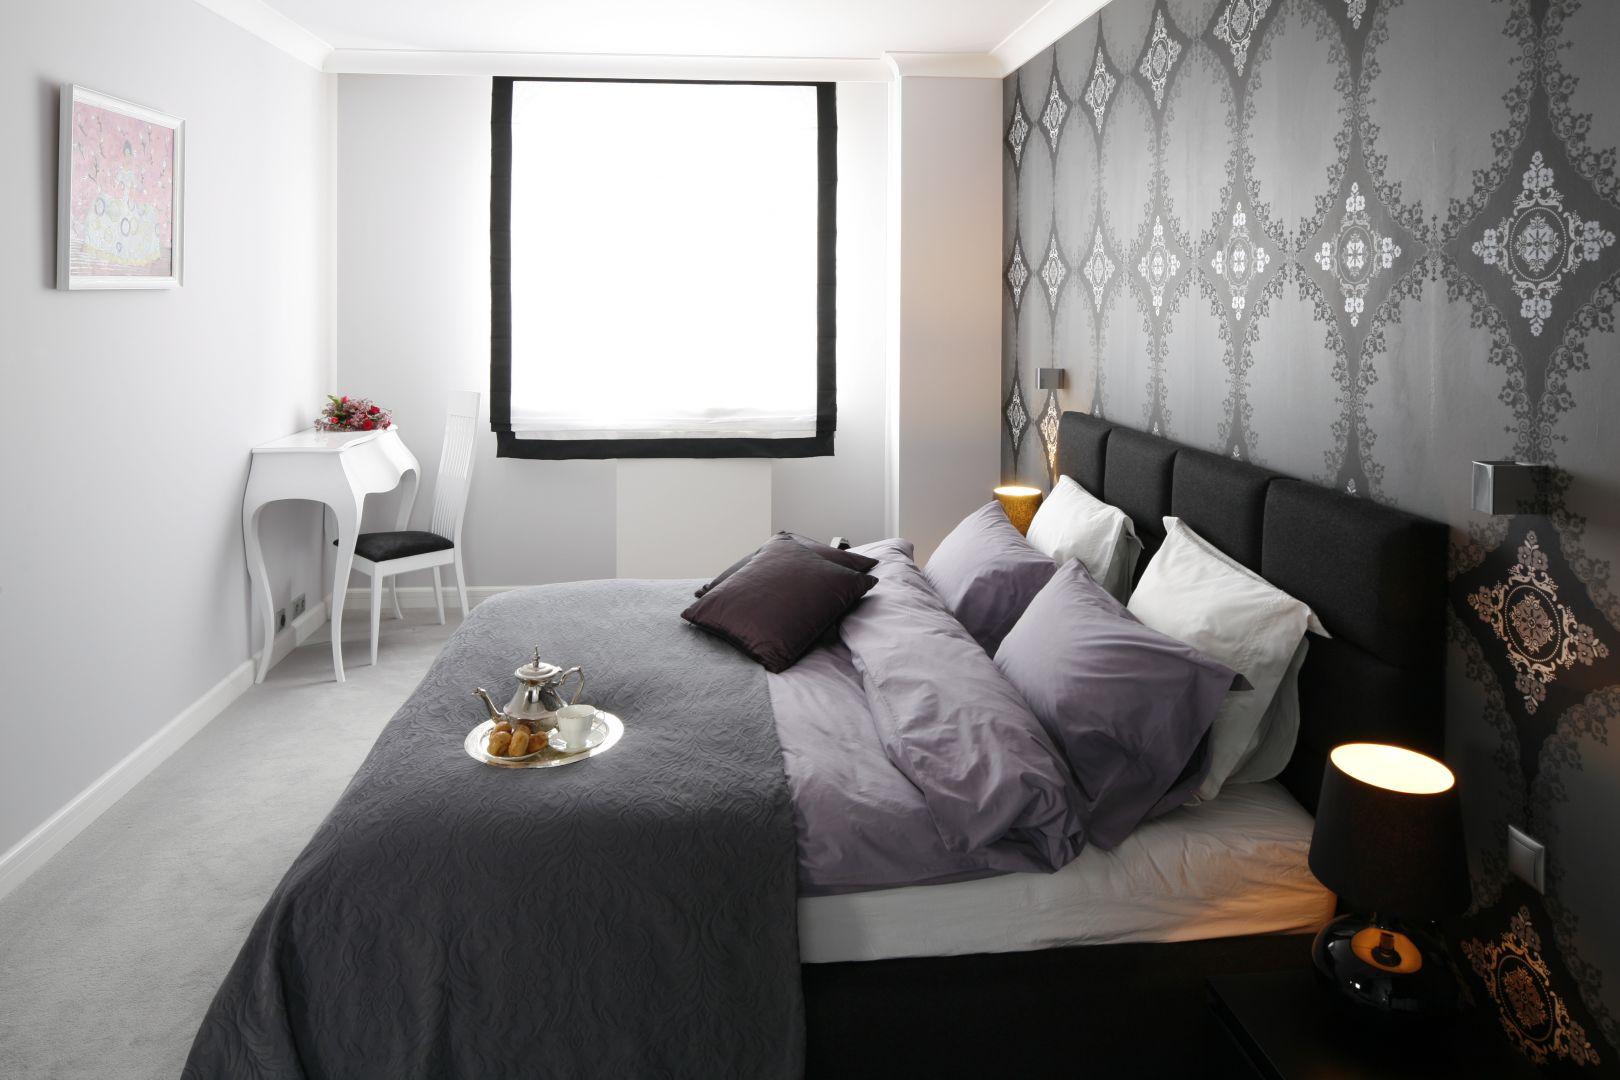 Miękkie, duże łóżko to niezbędny element wyposażenia każdej sypialni. Wygodnym rozwiązaniem jest wybór modelu z tapicerowanym zagłówkiem. Taki rodzaj łóżka doskonale prezentuje się na tle wzorzystej tapety. Projekt: Magdalena Smyk. Fot. Bartosz Jarosz